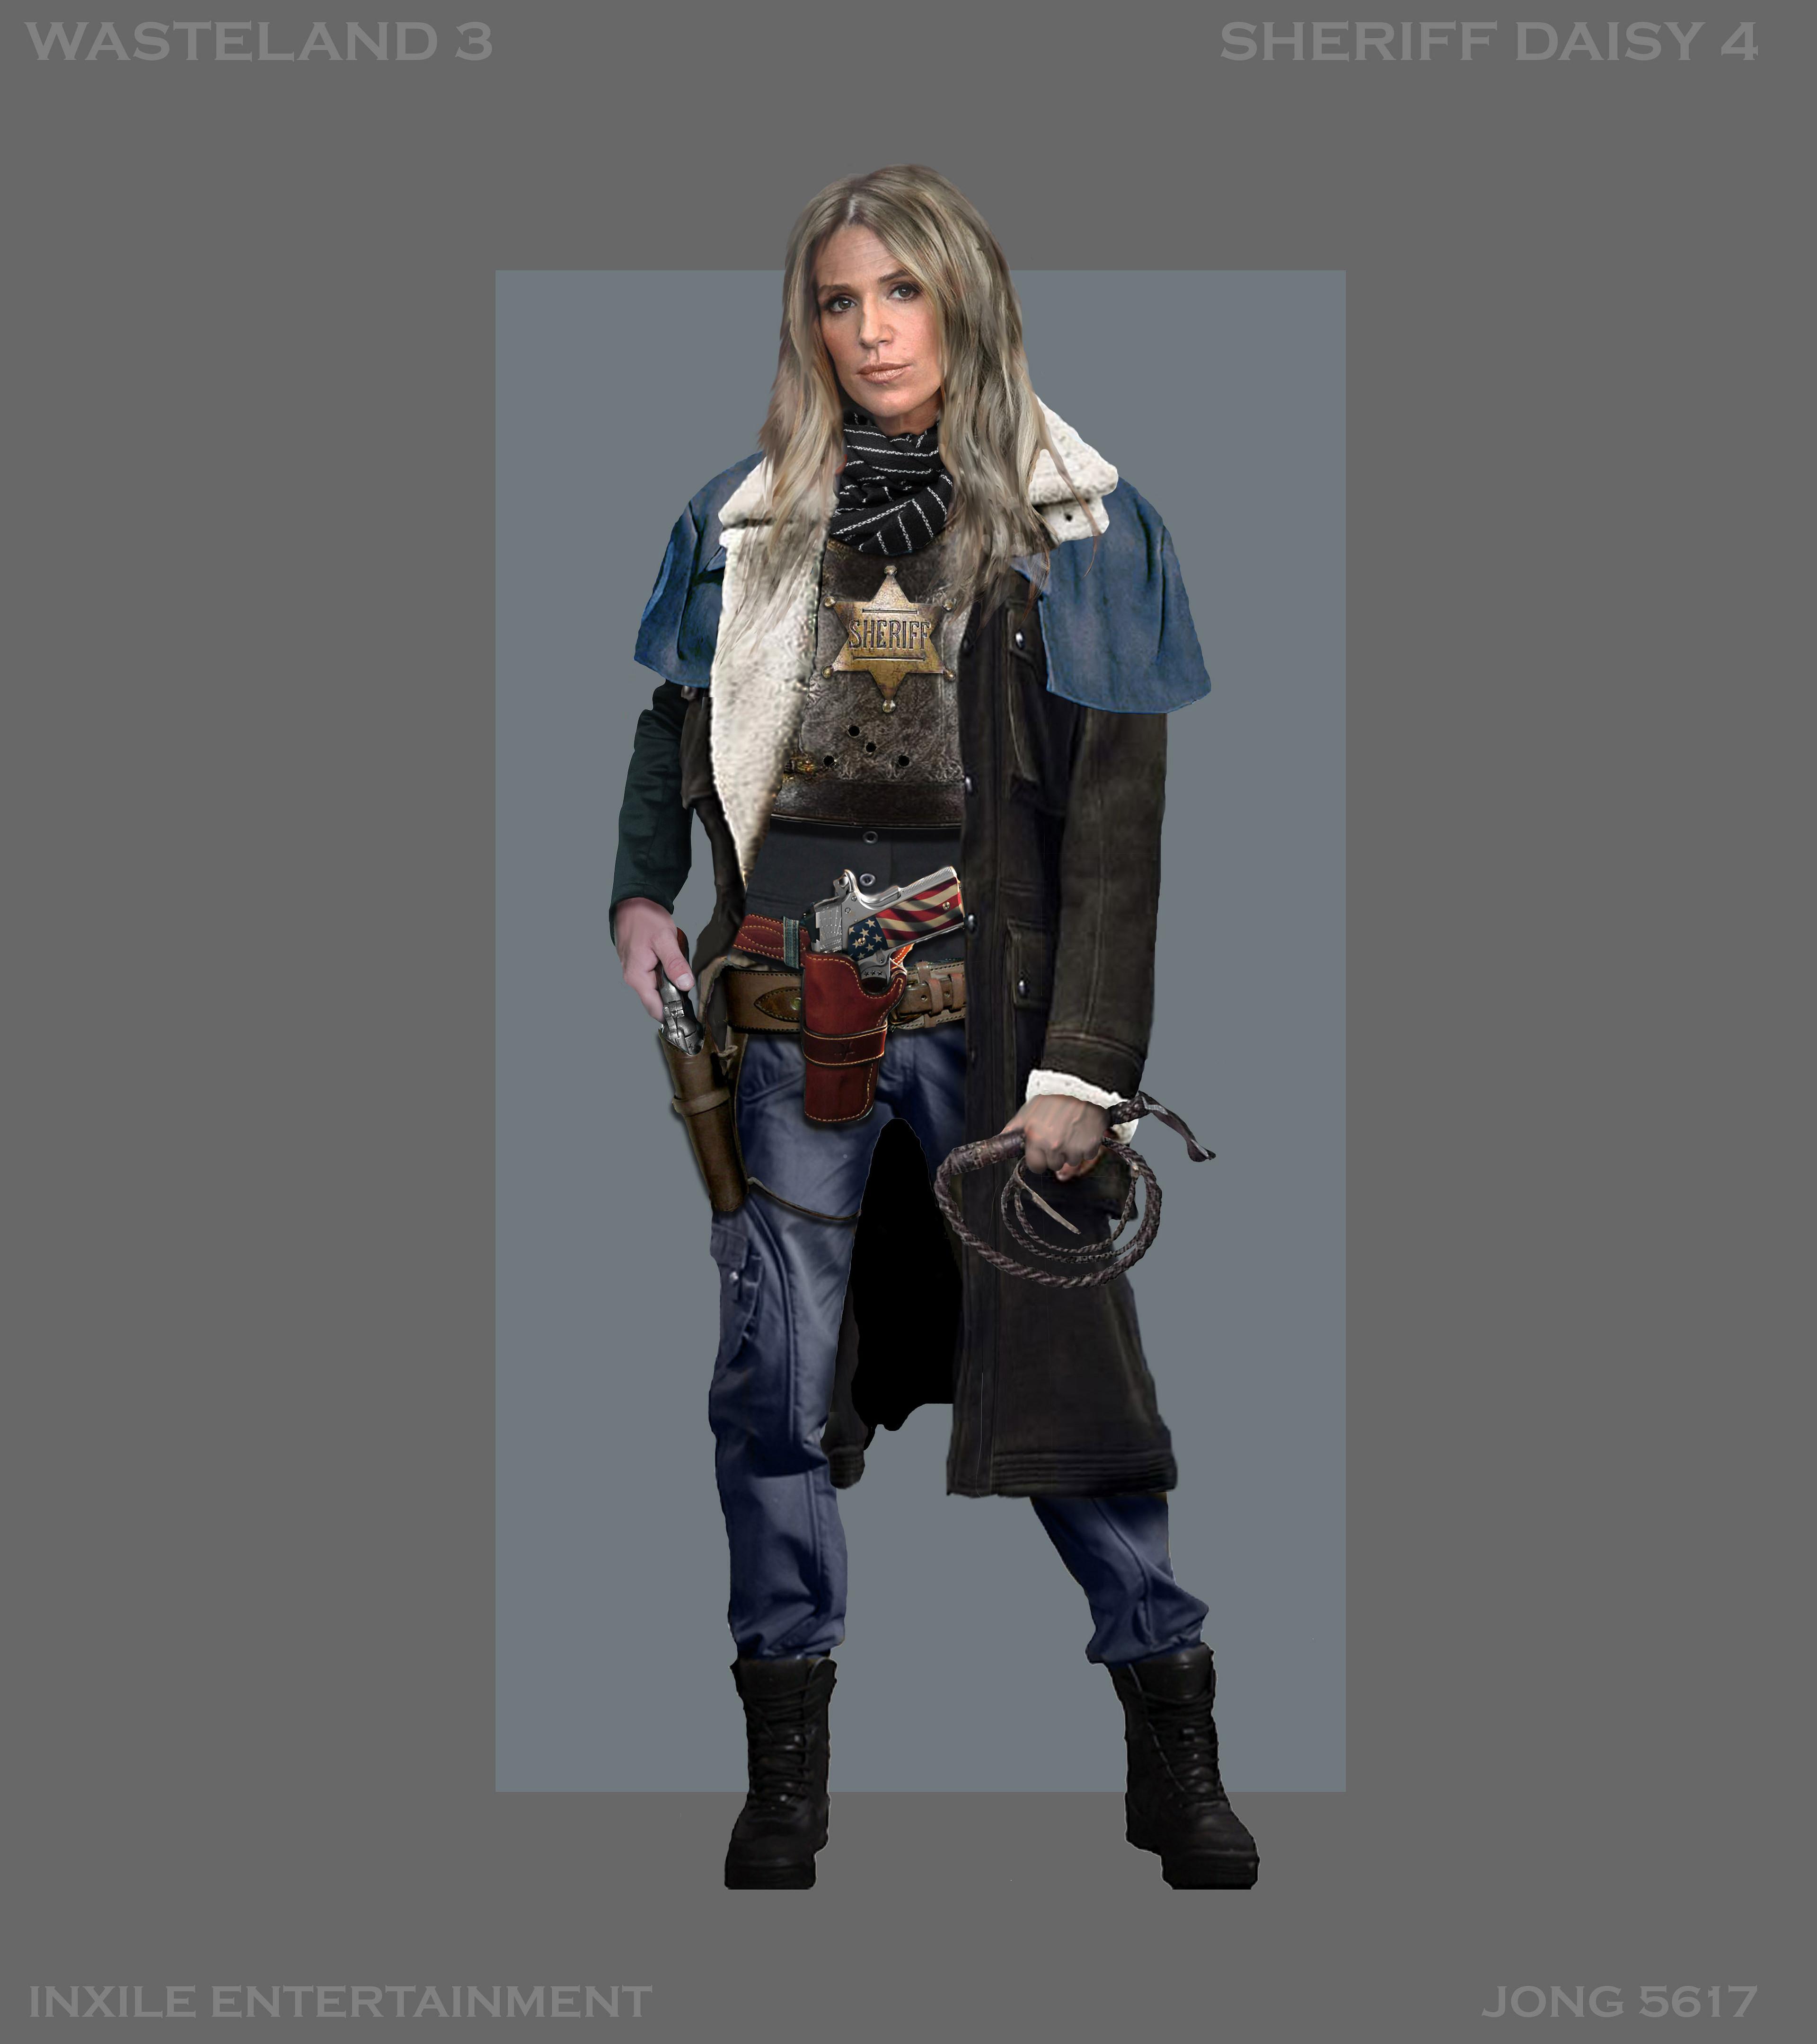 Jonathan-gwyn-sheriffdaisy5.jpg